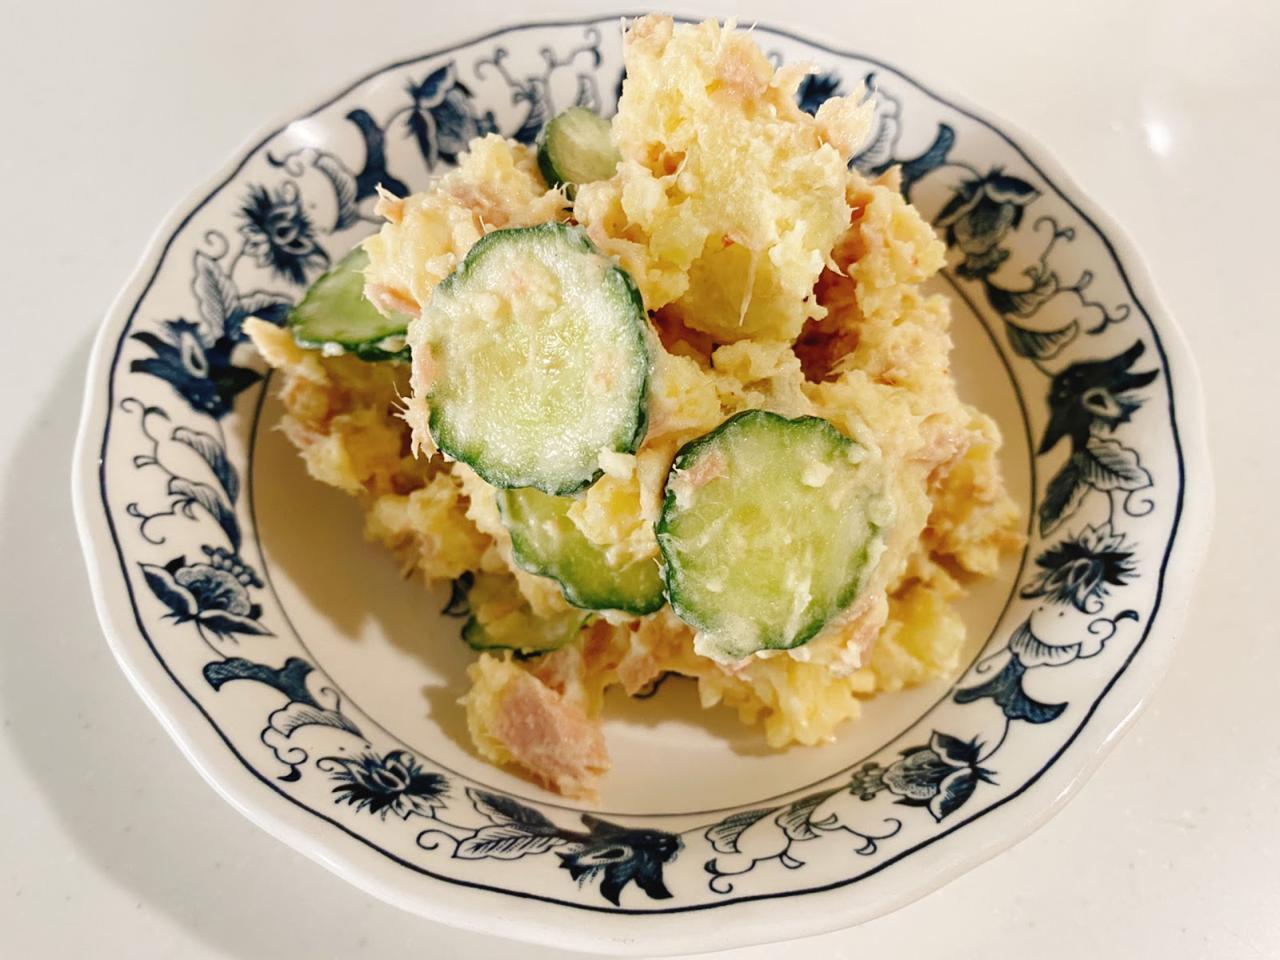 画像: やみつき夏レシピ③きゅうりとツナのピリ辛ポテトサラダ